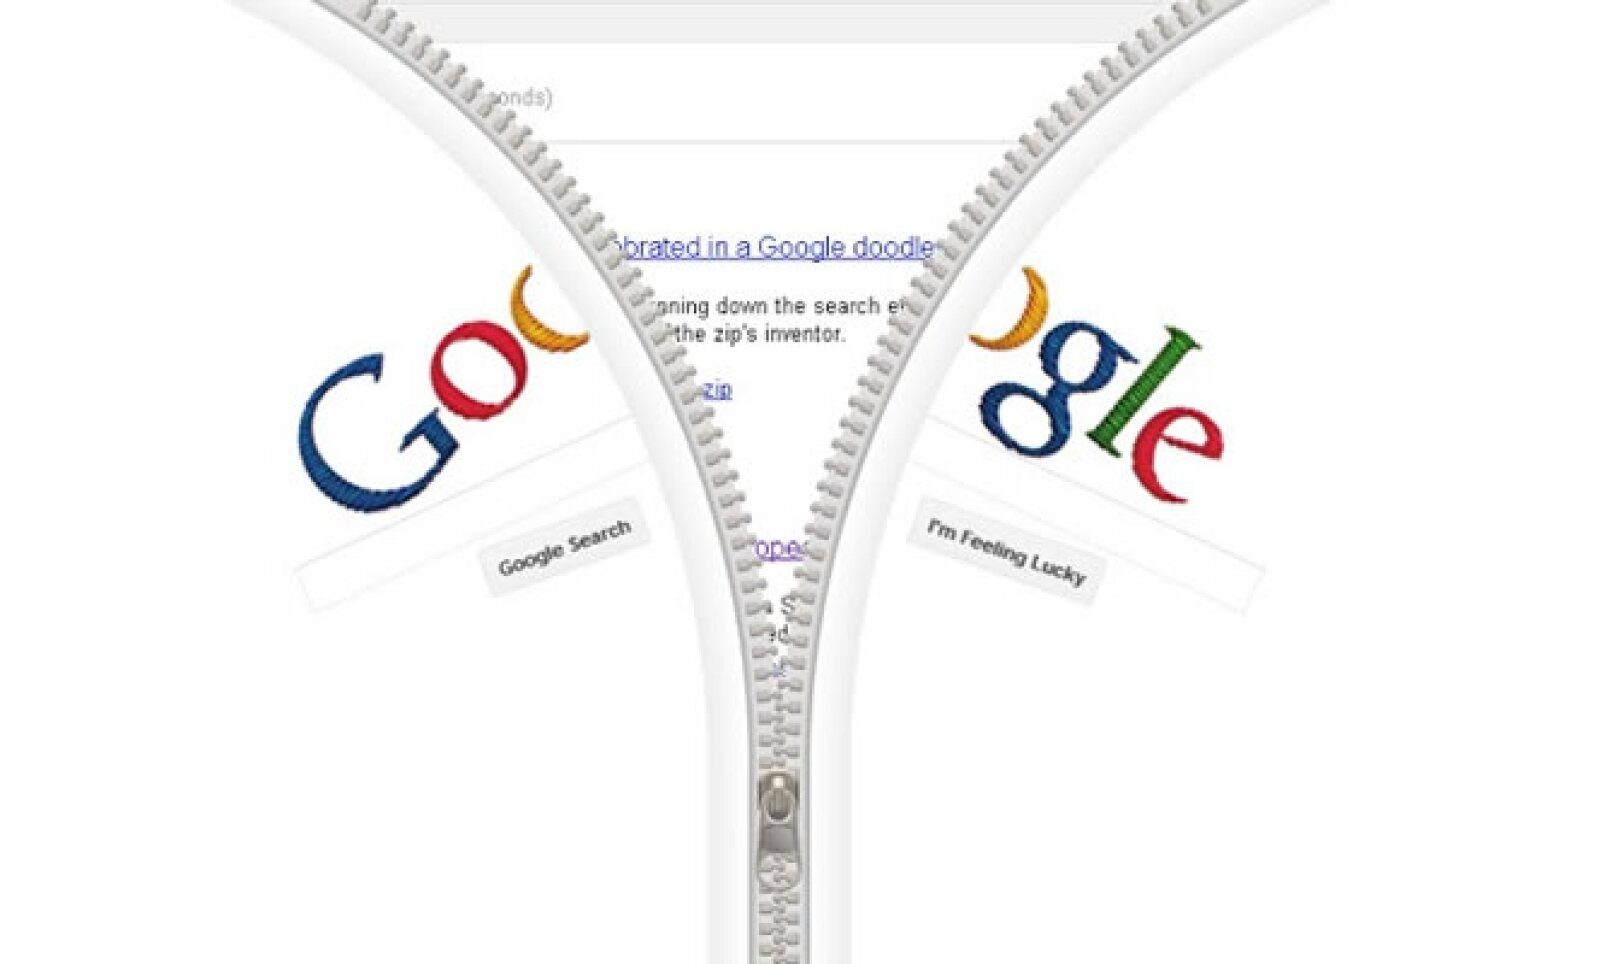 Lanzado el 24 de abril de 2012, este 'doodle' interactivo celebró al inventor del cierre, el sueco-estadounidense Gideon Sundbäck.